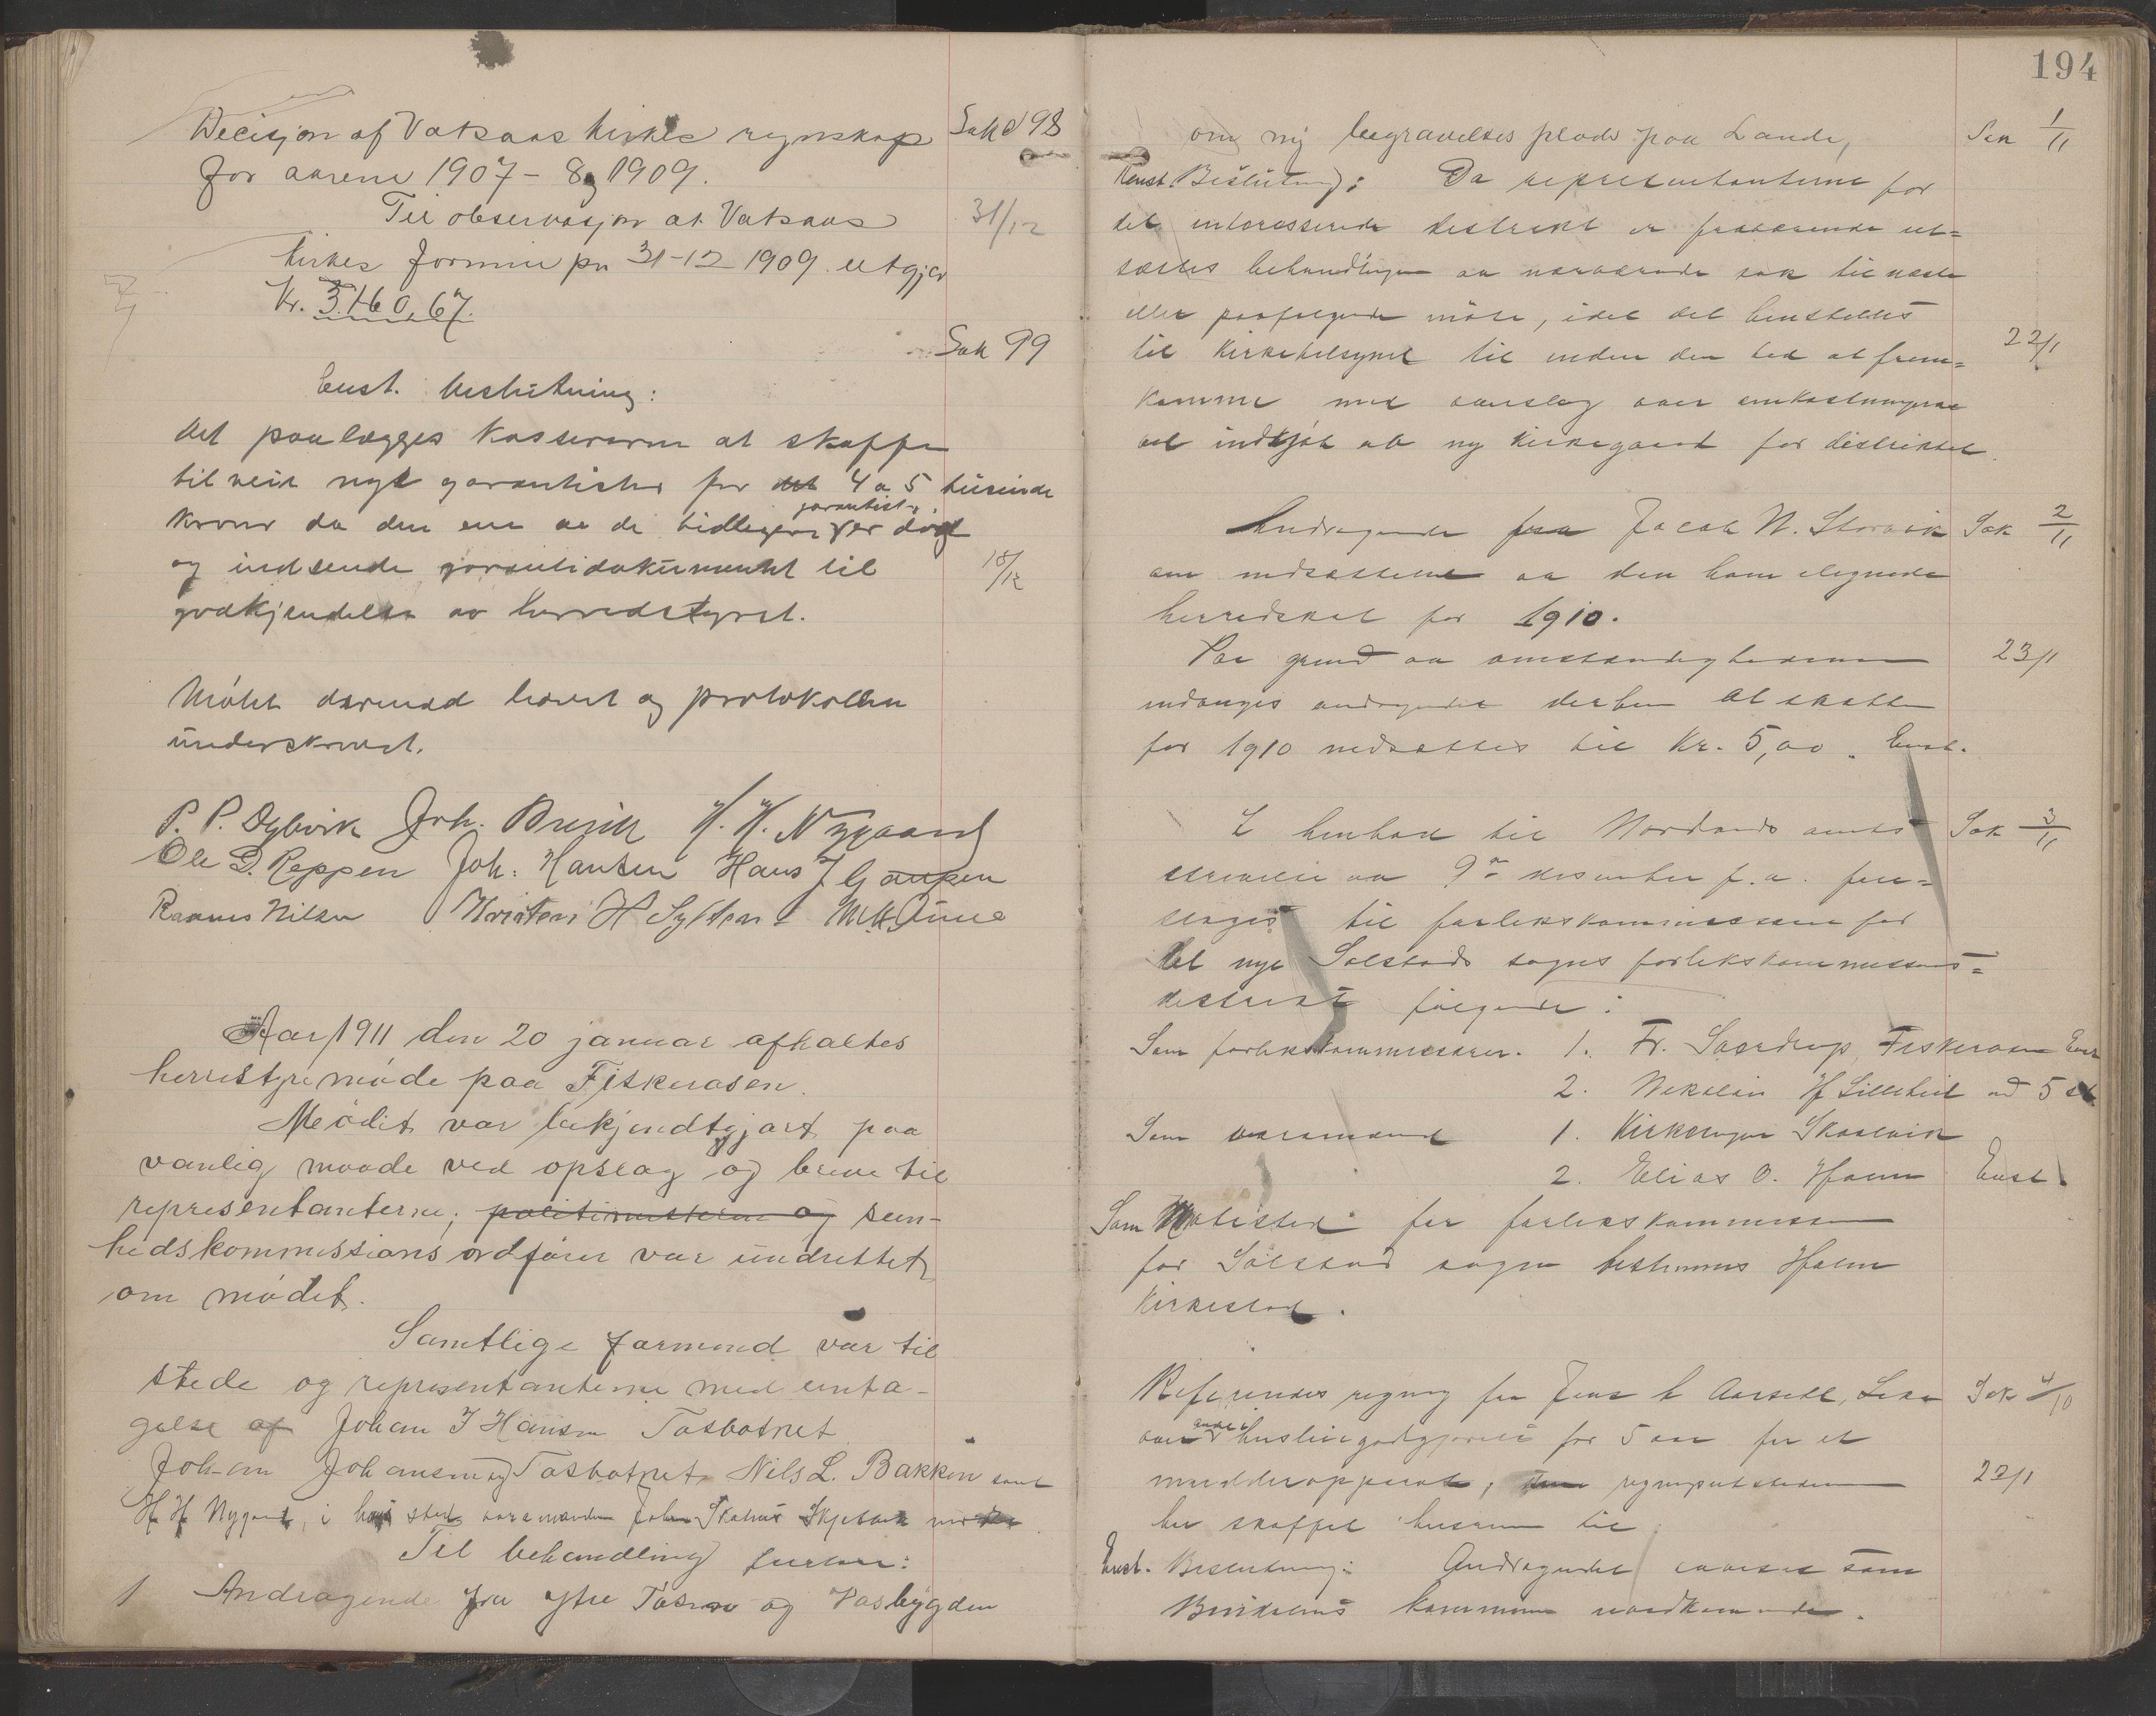 AIN, Bindal kommune. Formannskapet, A/Aa/L0000e: Møtebok, 1903-1914, s. 194